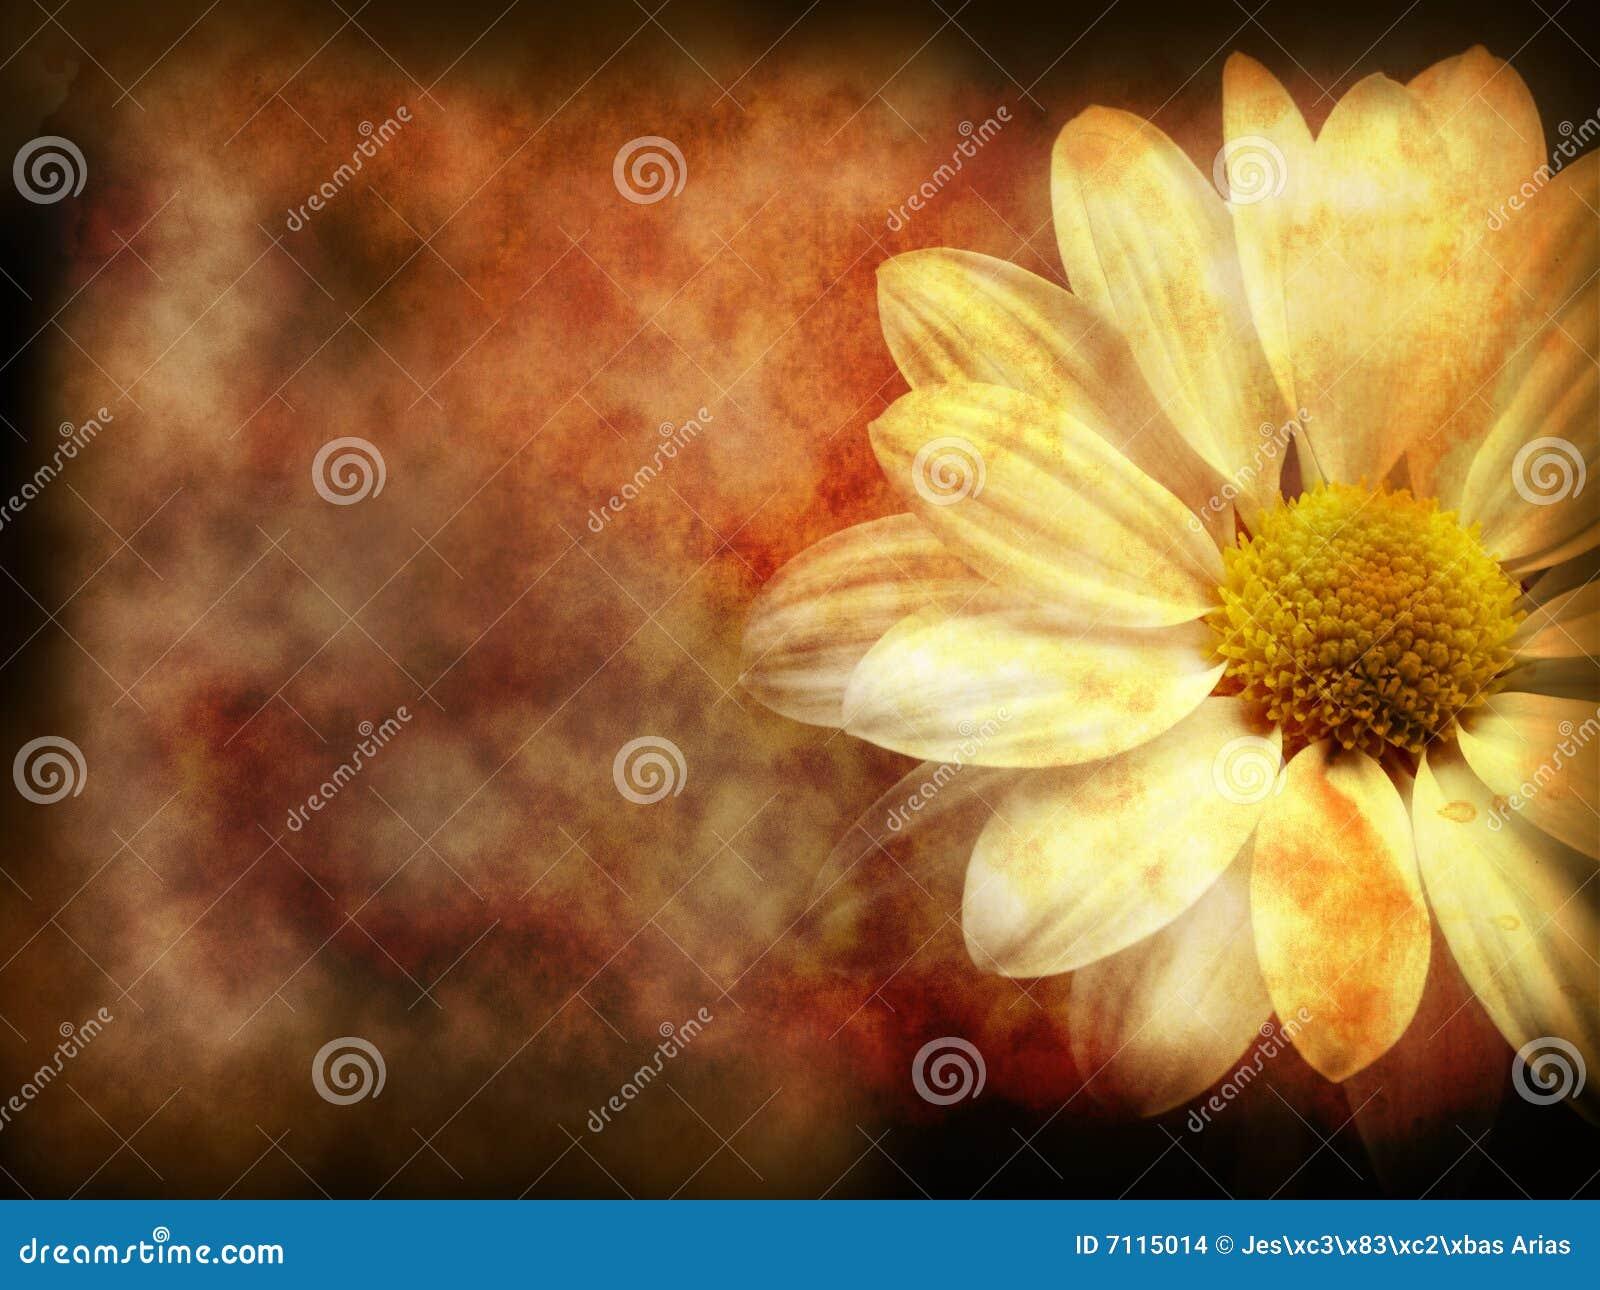 Download Dark floral grunge stock illustration. Illustration of gold - 7115014